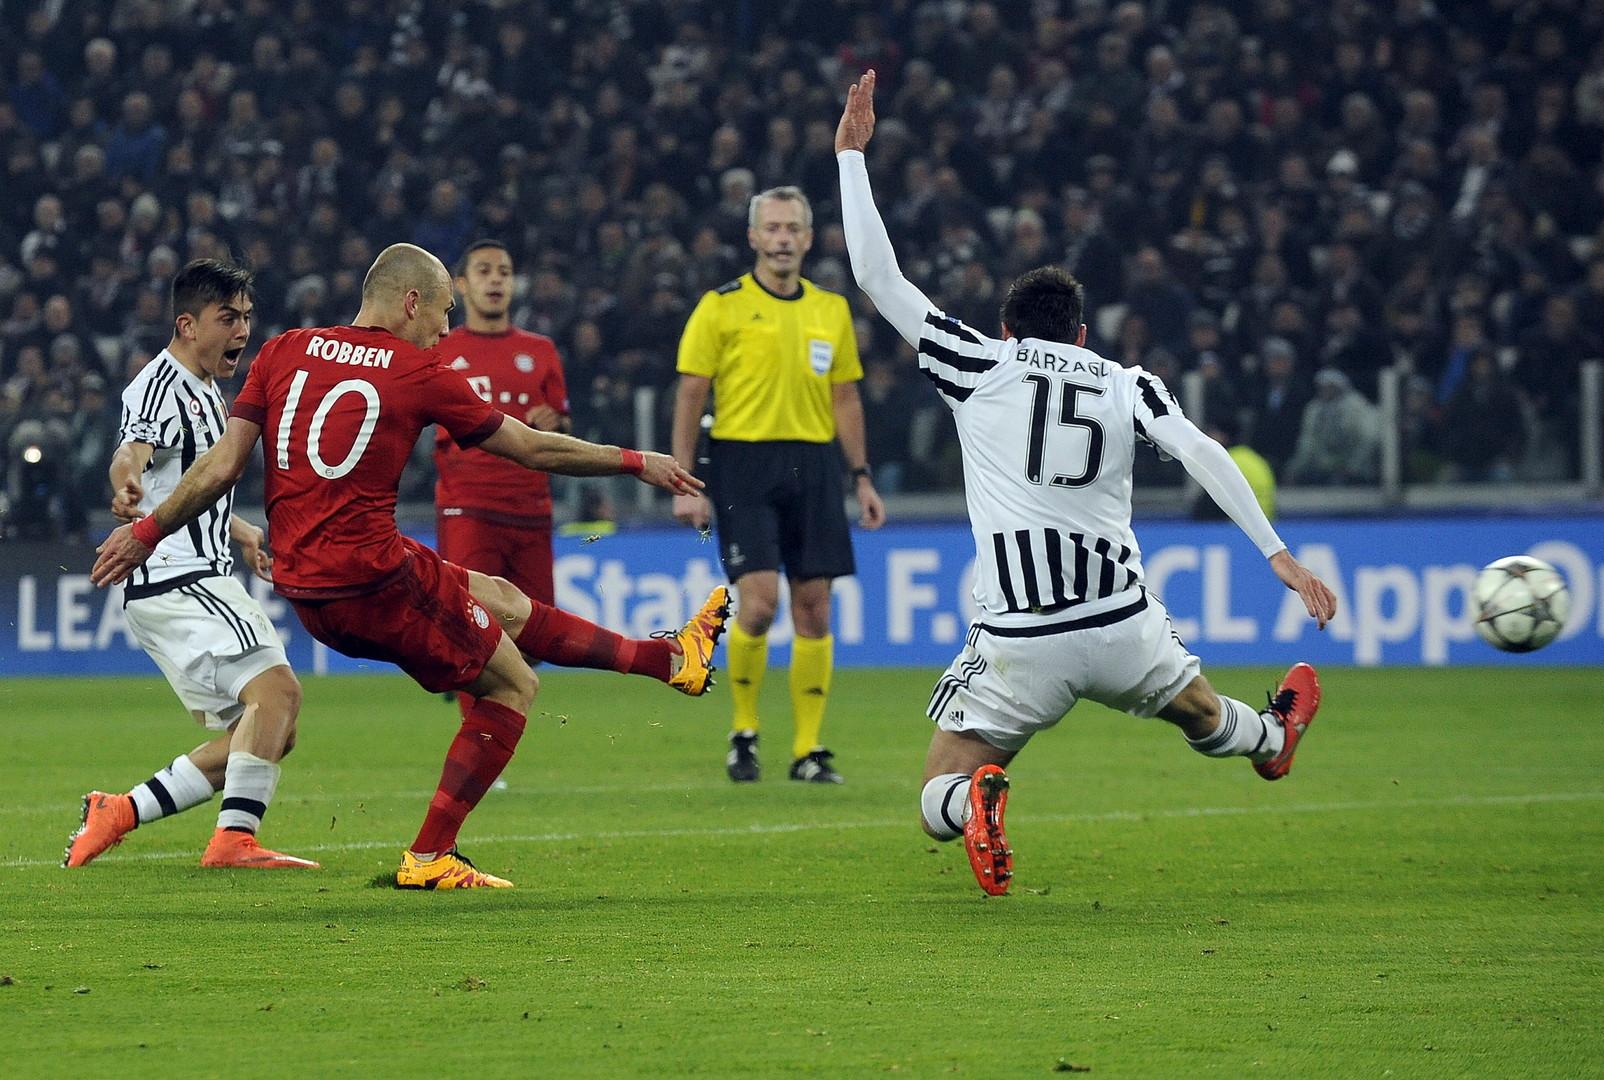 Arjen Robben schießt das zweite Tor Bayerns.